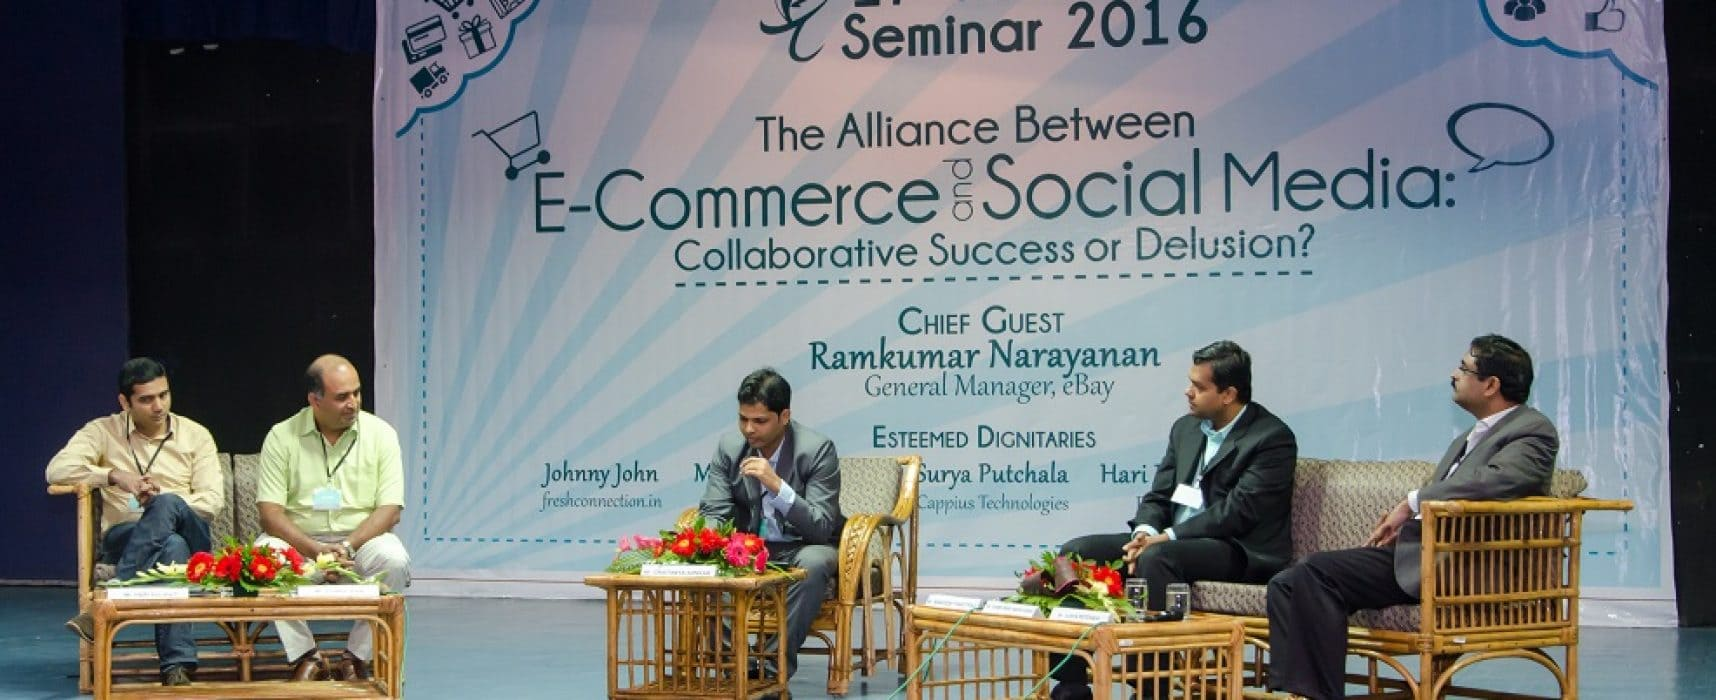 17th National Seminar at SCIT